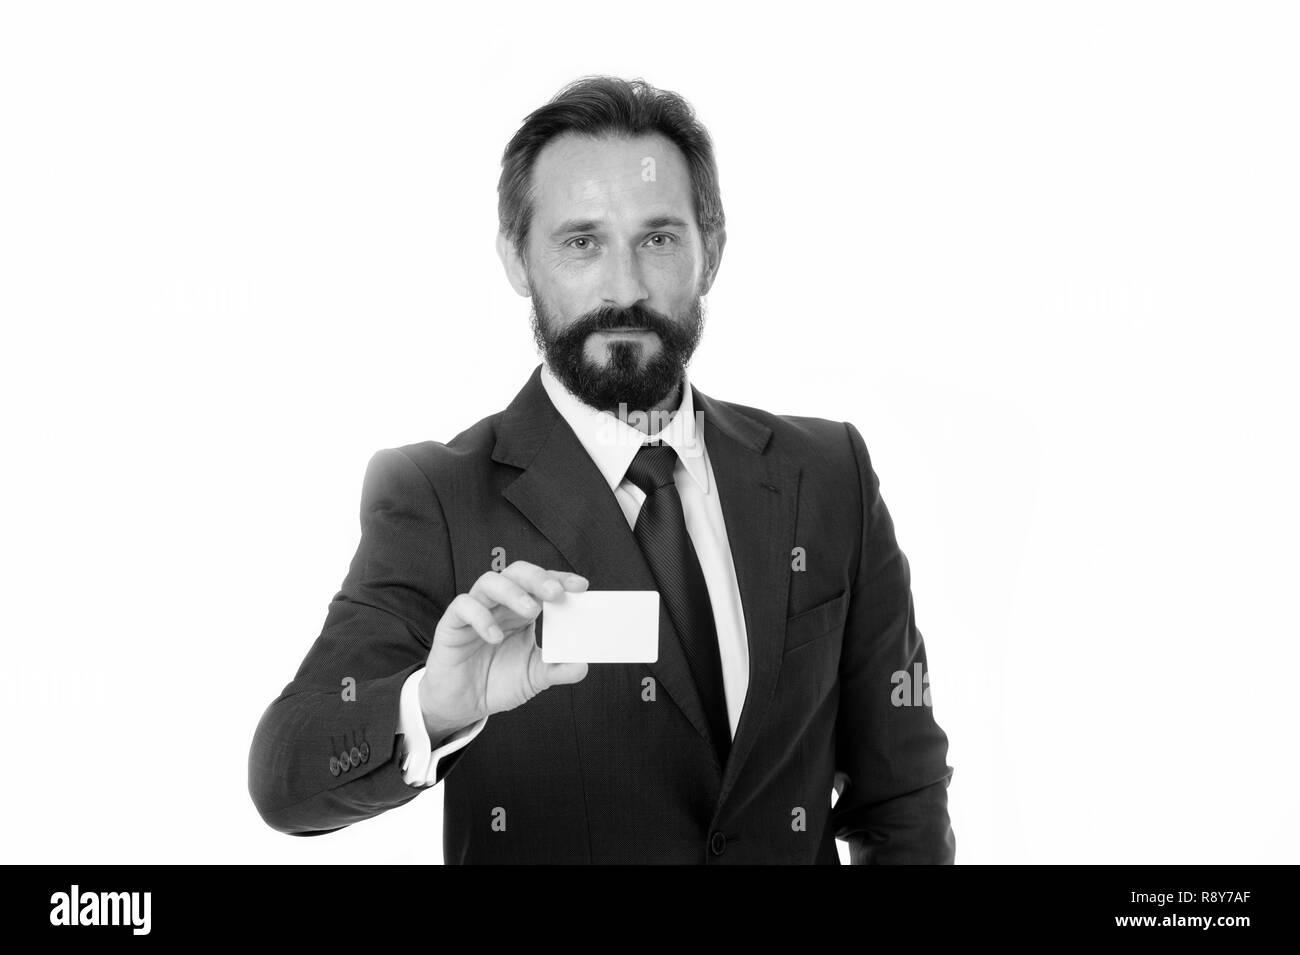 Darf ich mich vorstellen. Fühlen Sie sich frei, mit mir in Kontakt zu treten. Kaufmanns Platzhalterkarte aus Kunststoff. Unternehmer trägt Business Card. Custom design Karte einzigartig. Diese Nummer anrufen. Kontakt für die Zusammenarbeit. Stockbild